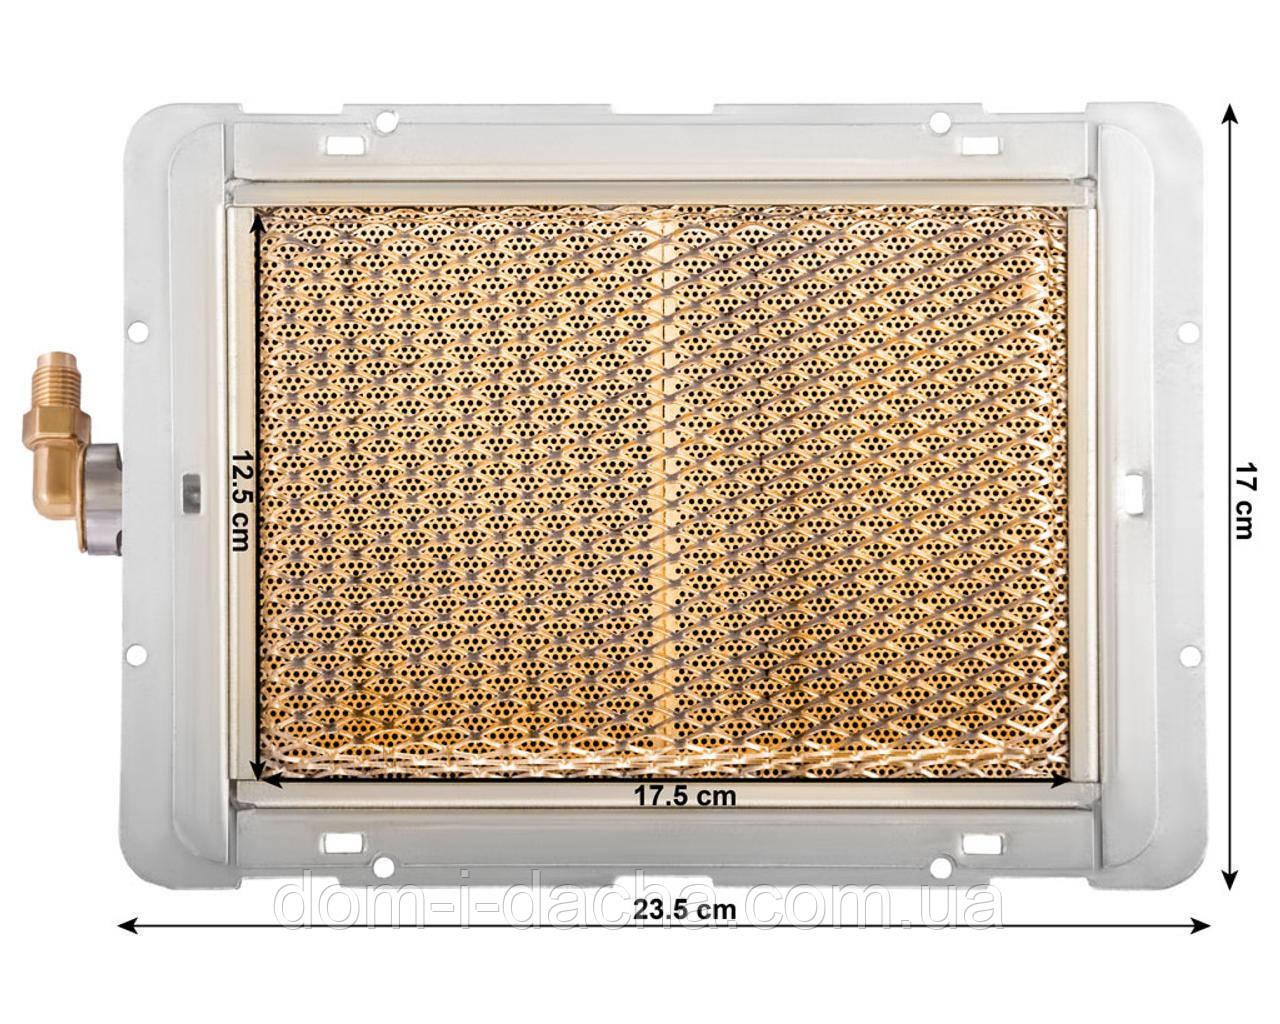 Горелка газовая керамическая инфракрасного излучения VITA-2 кВт